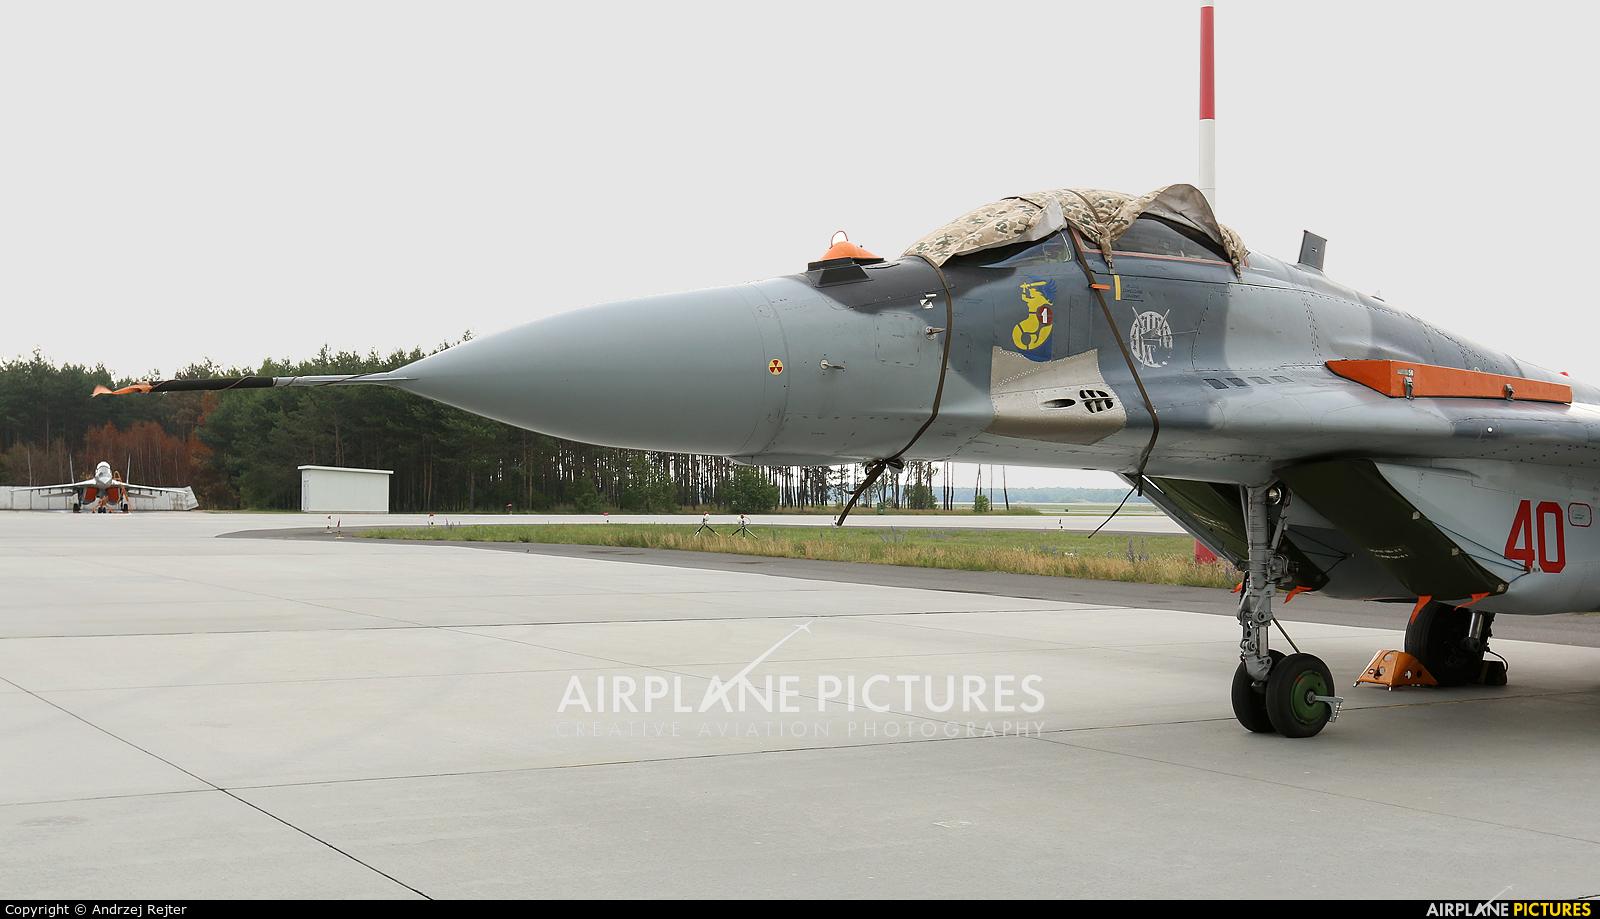 Poland - Air Force 40 aircraft at Powidz